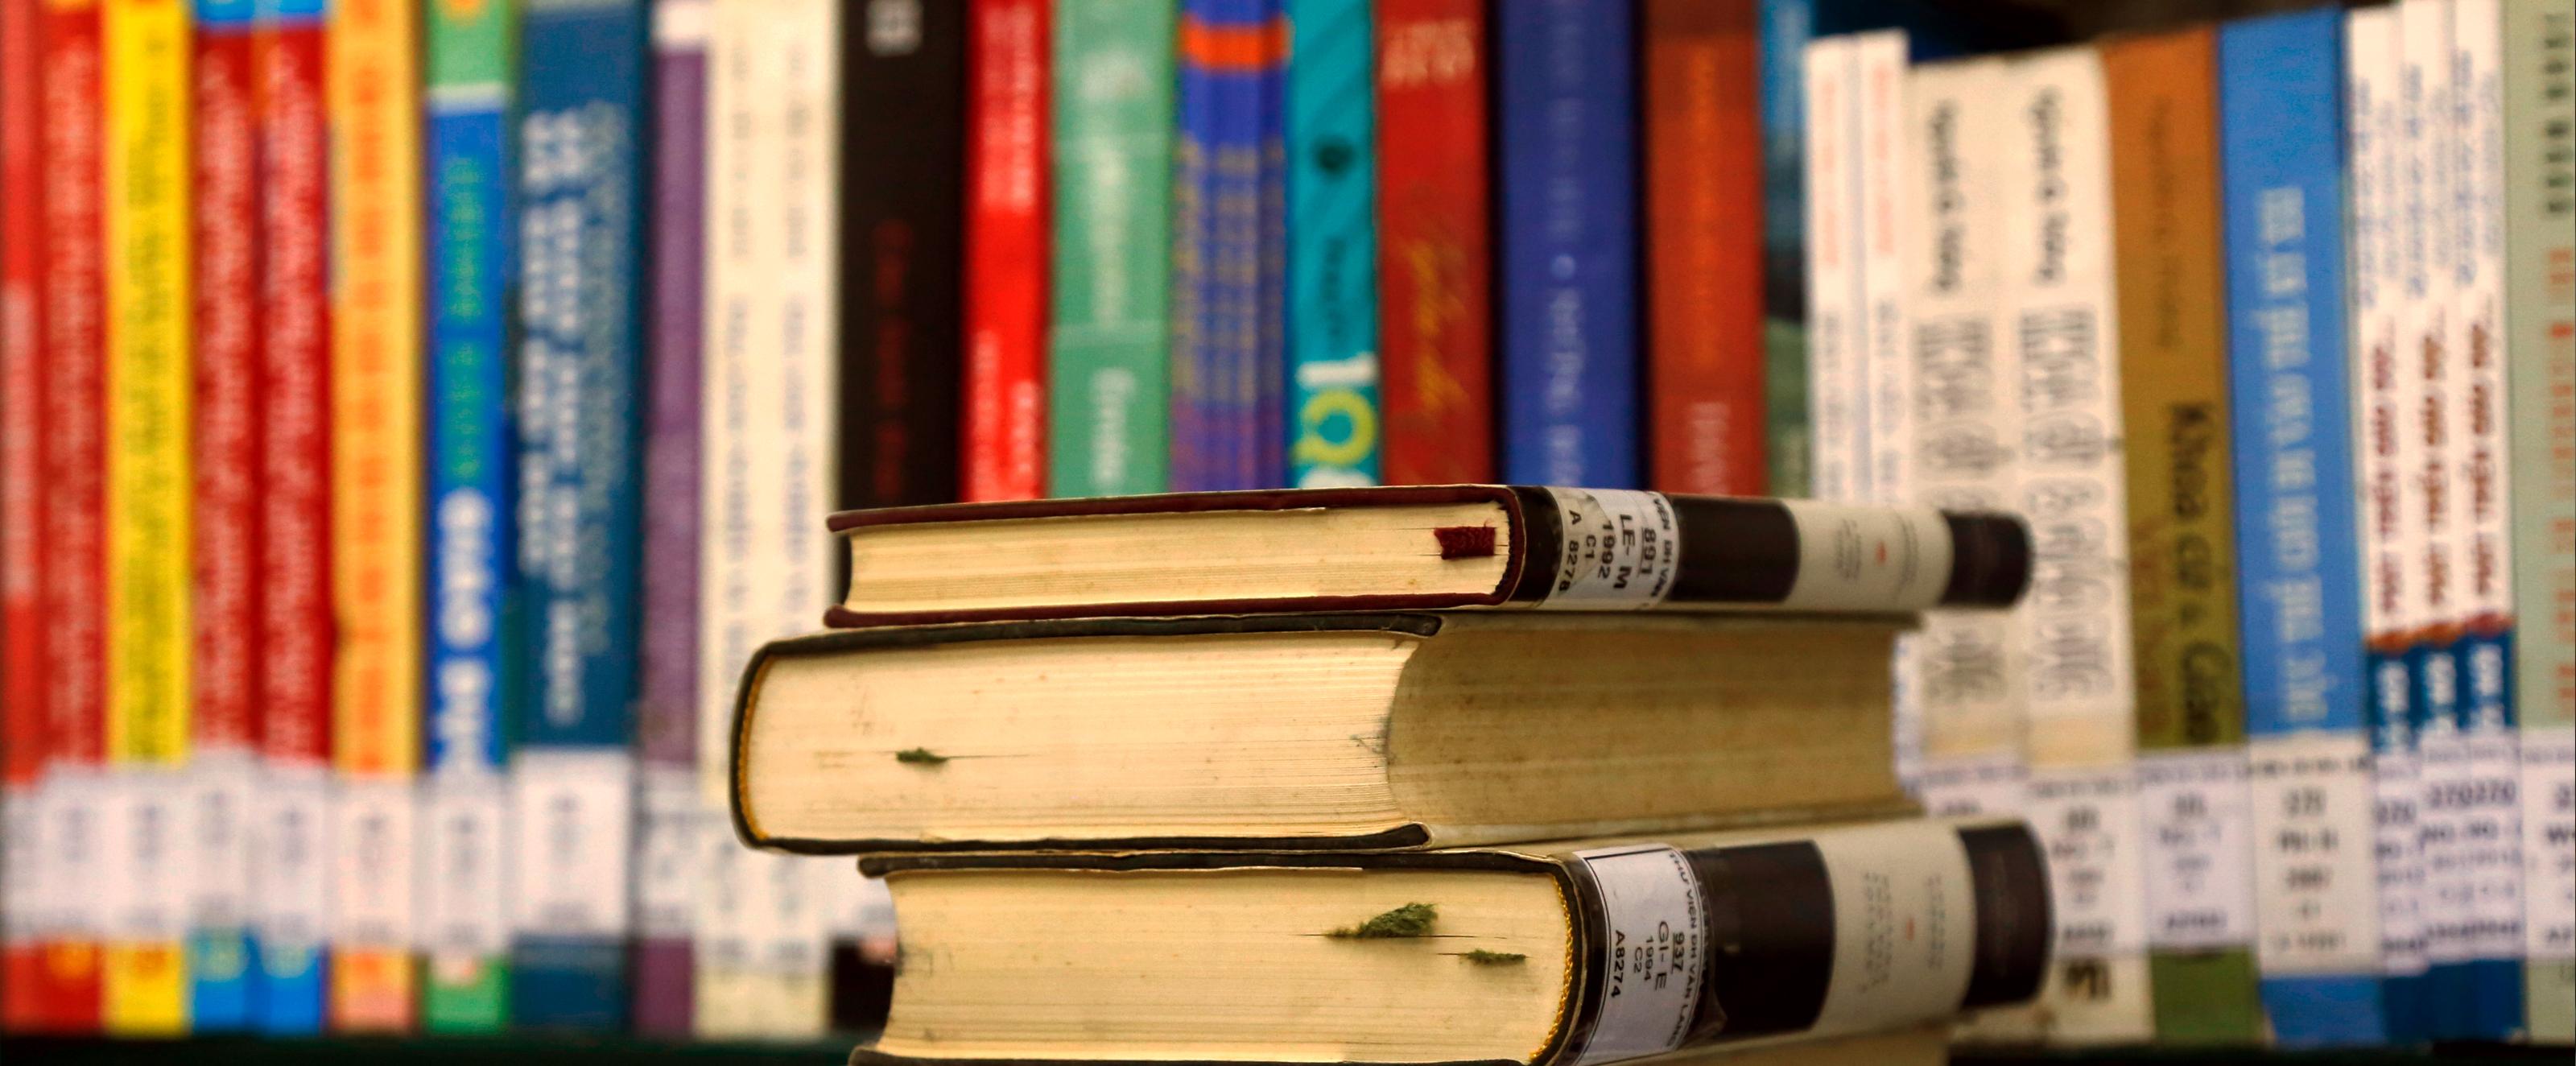 Kế hoạch hoạt động thư viện năm học 2019 - 2020